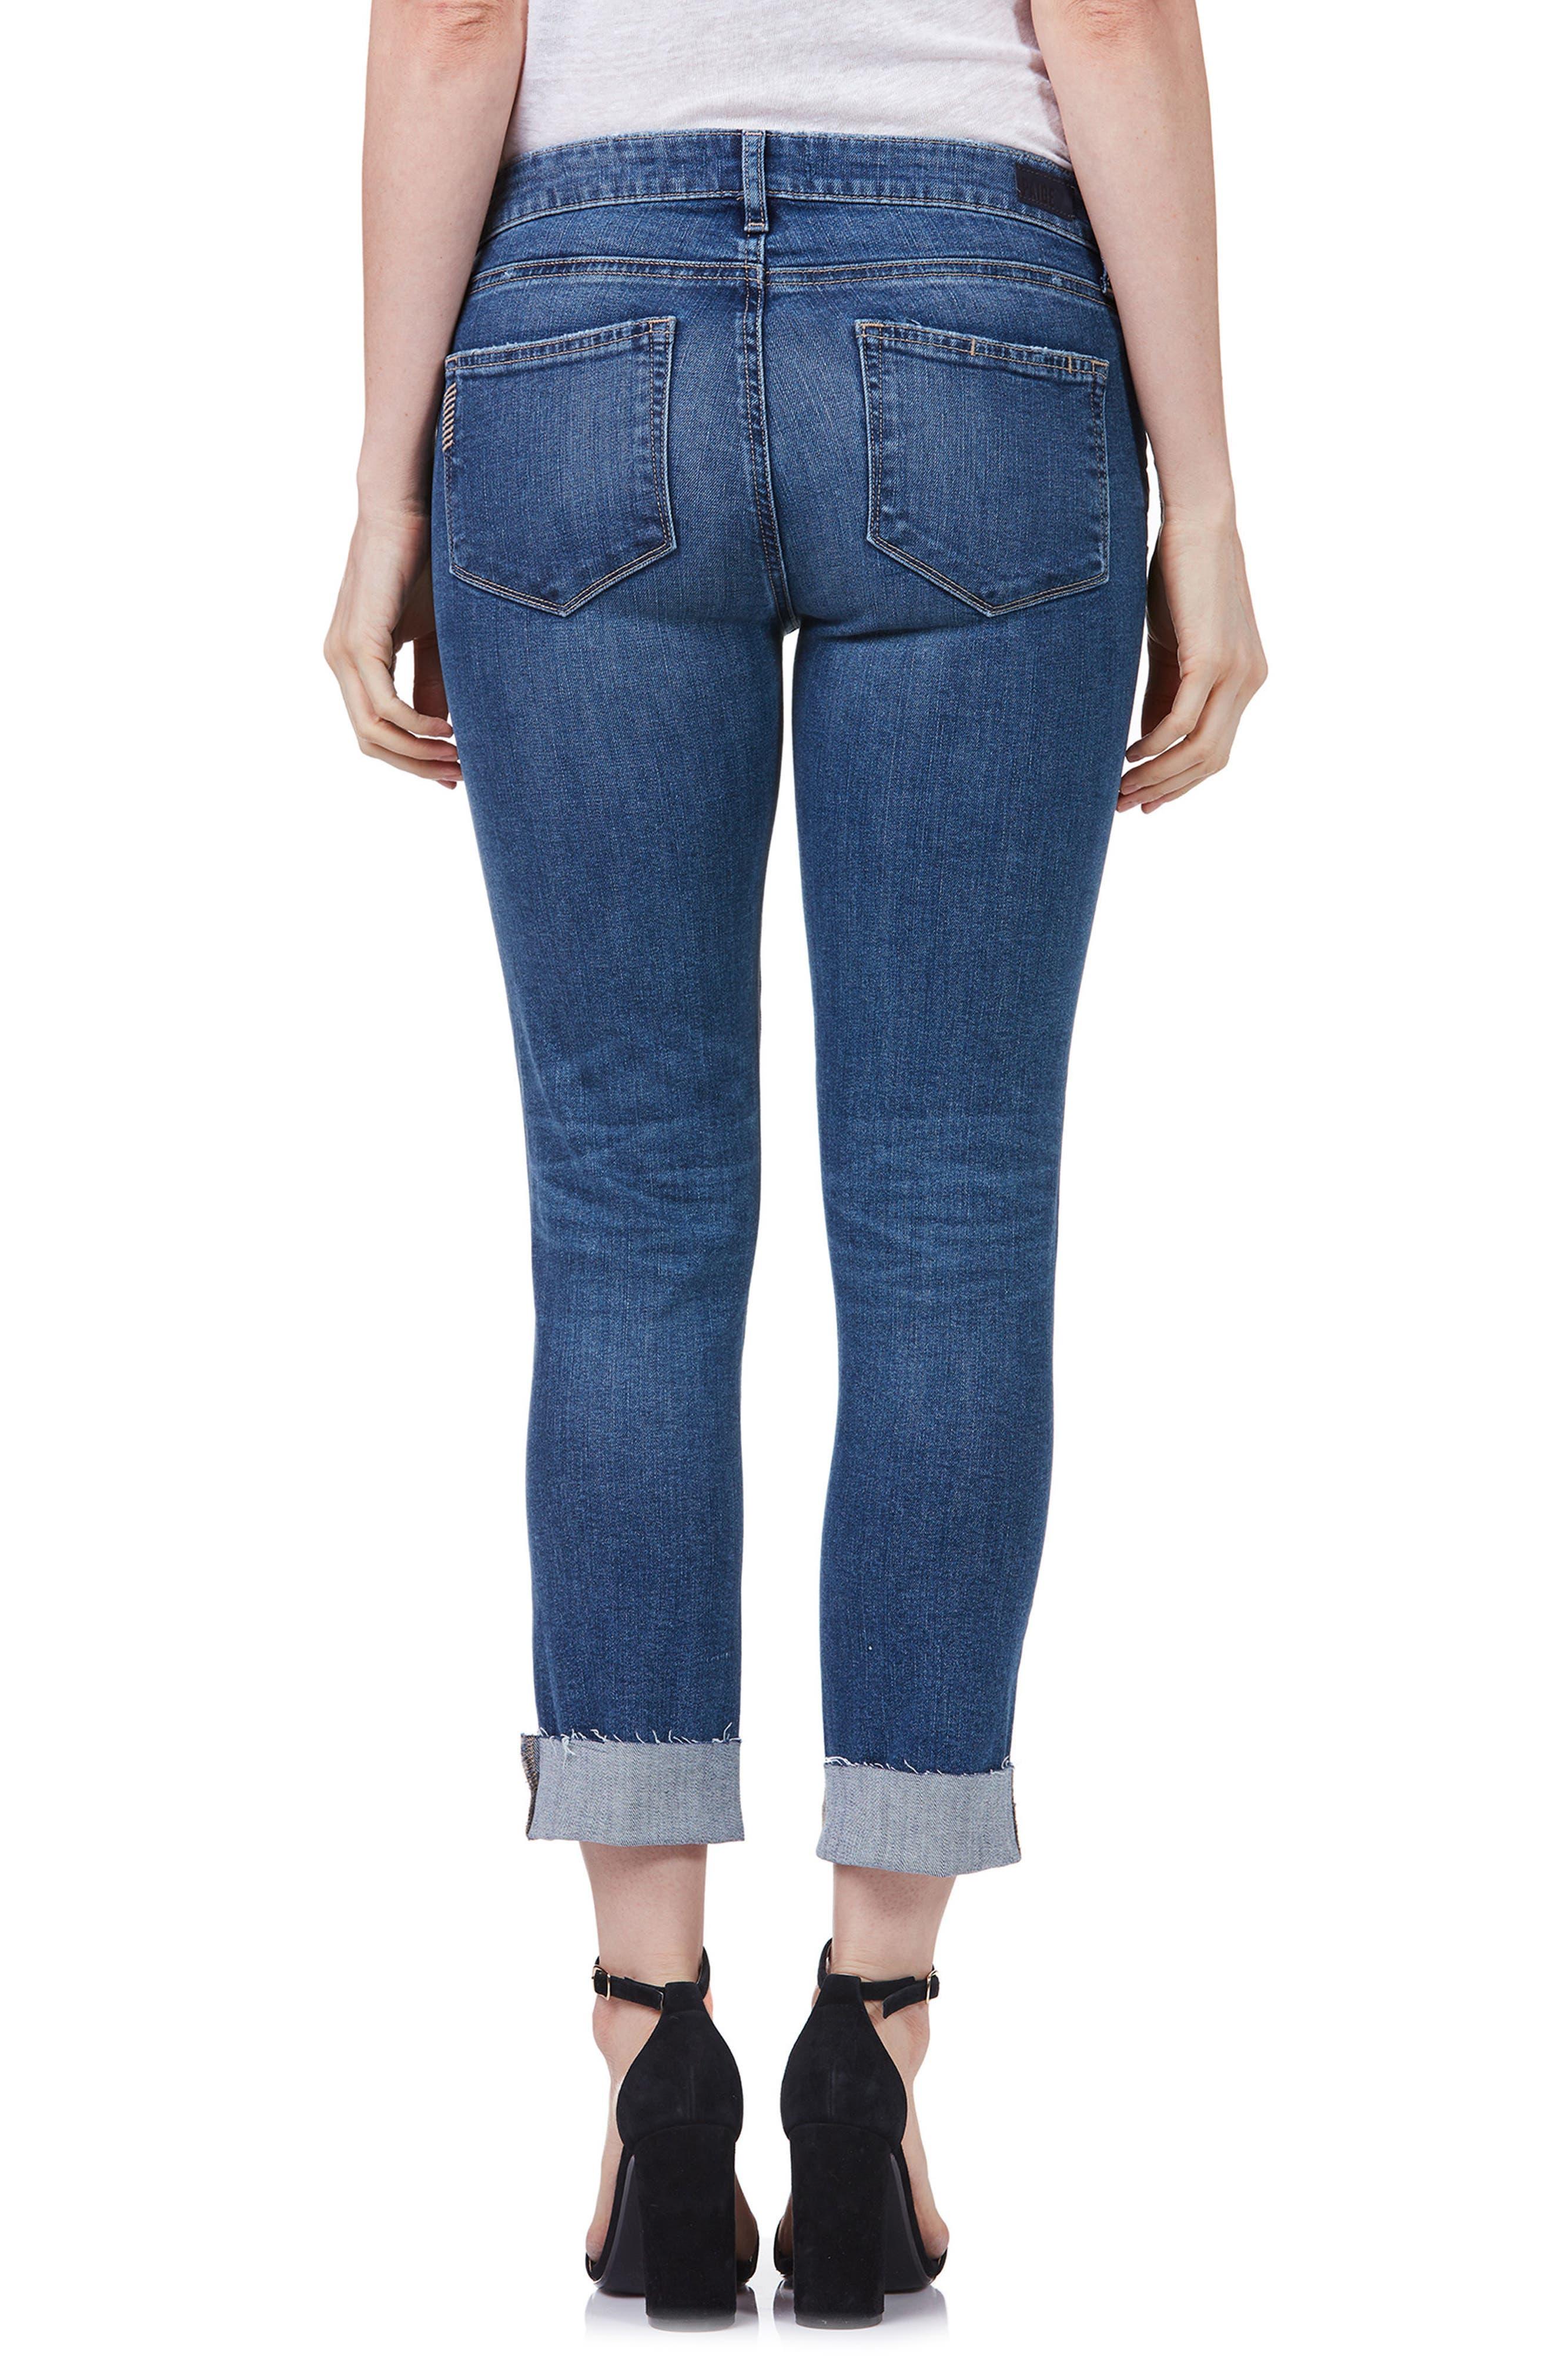 Transcend Vintage - Skyline Crop Skinny Jeans,                             Alternate thumbnail 3, color,                             Pico